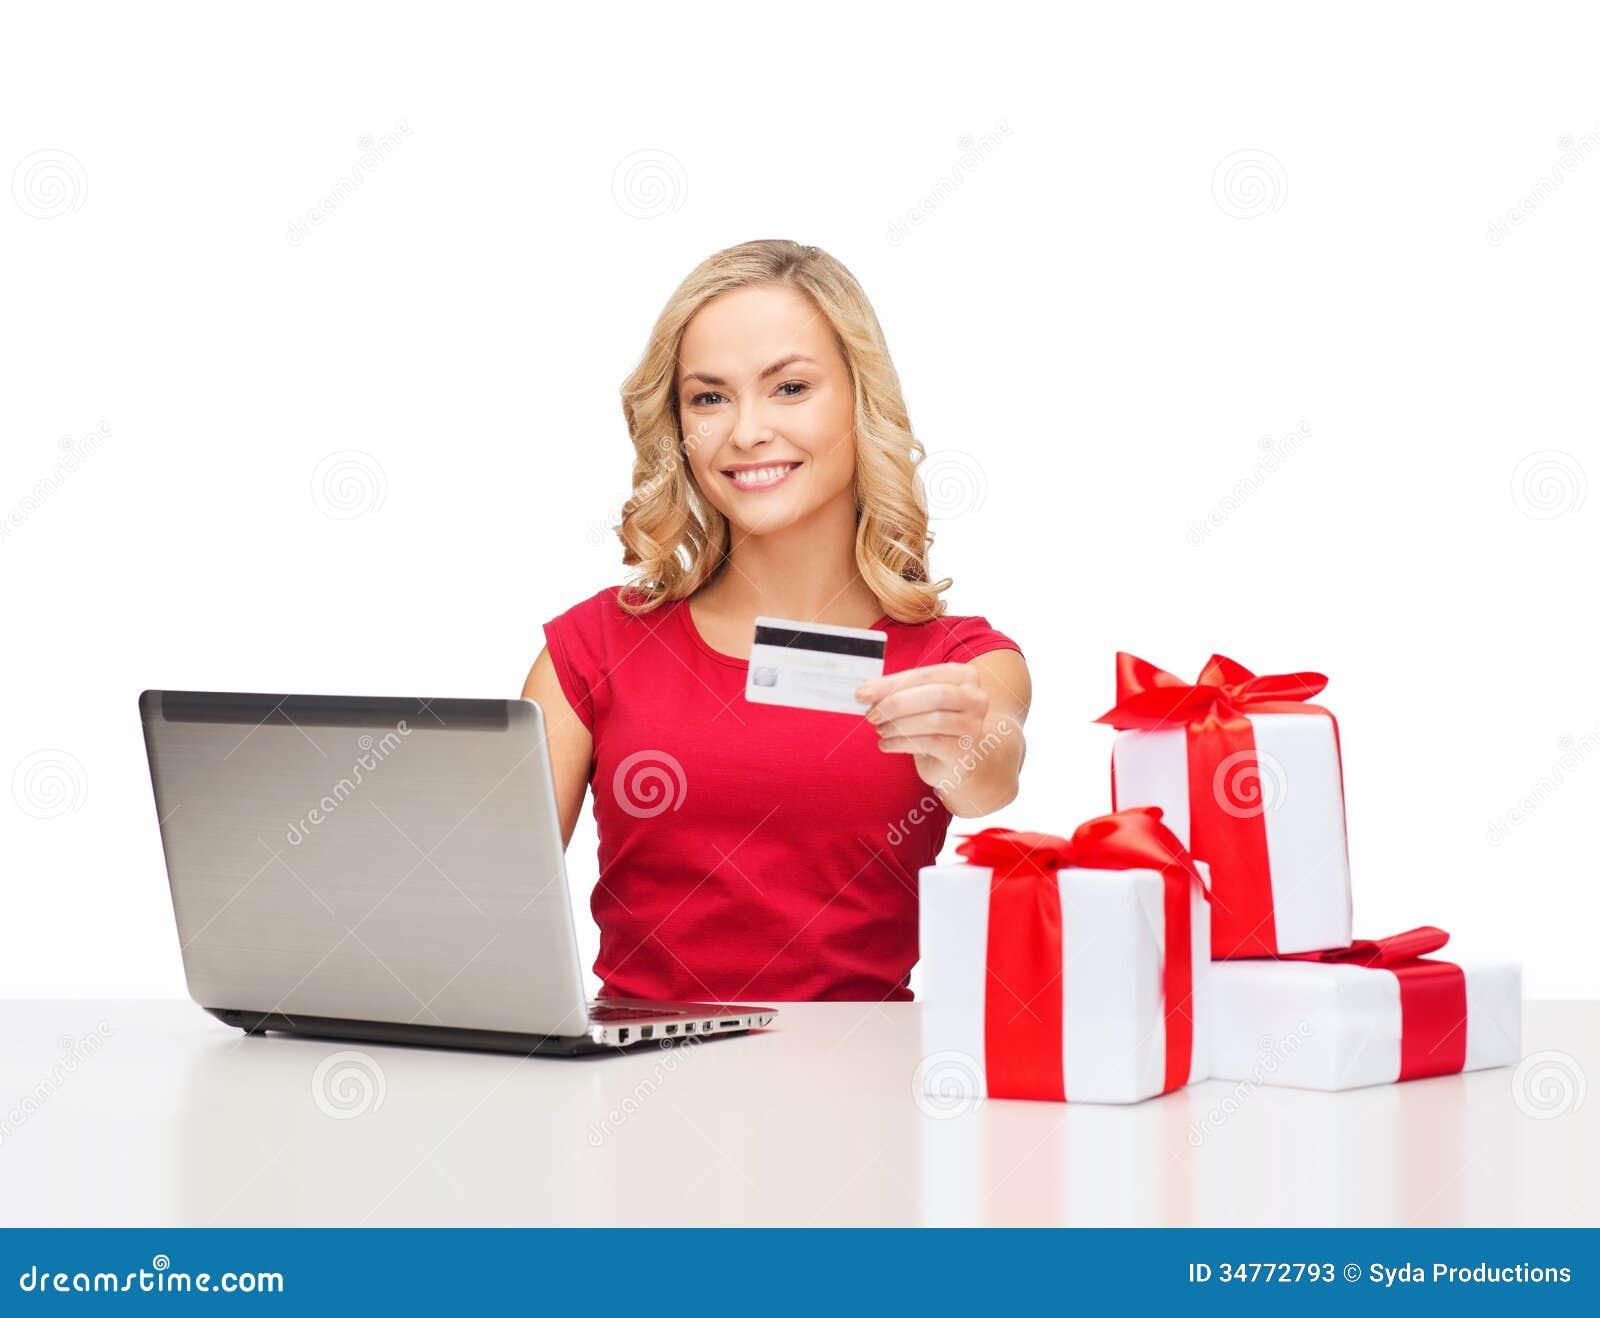 Online gift shopping for men